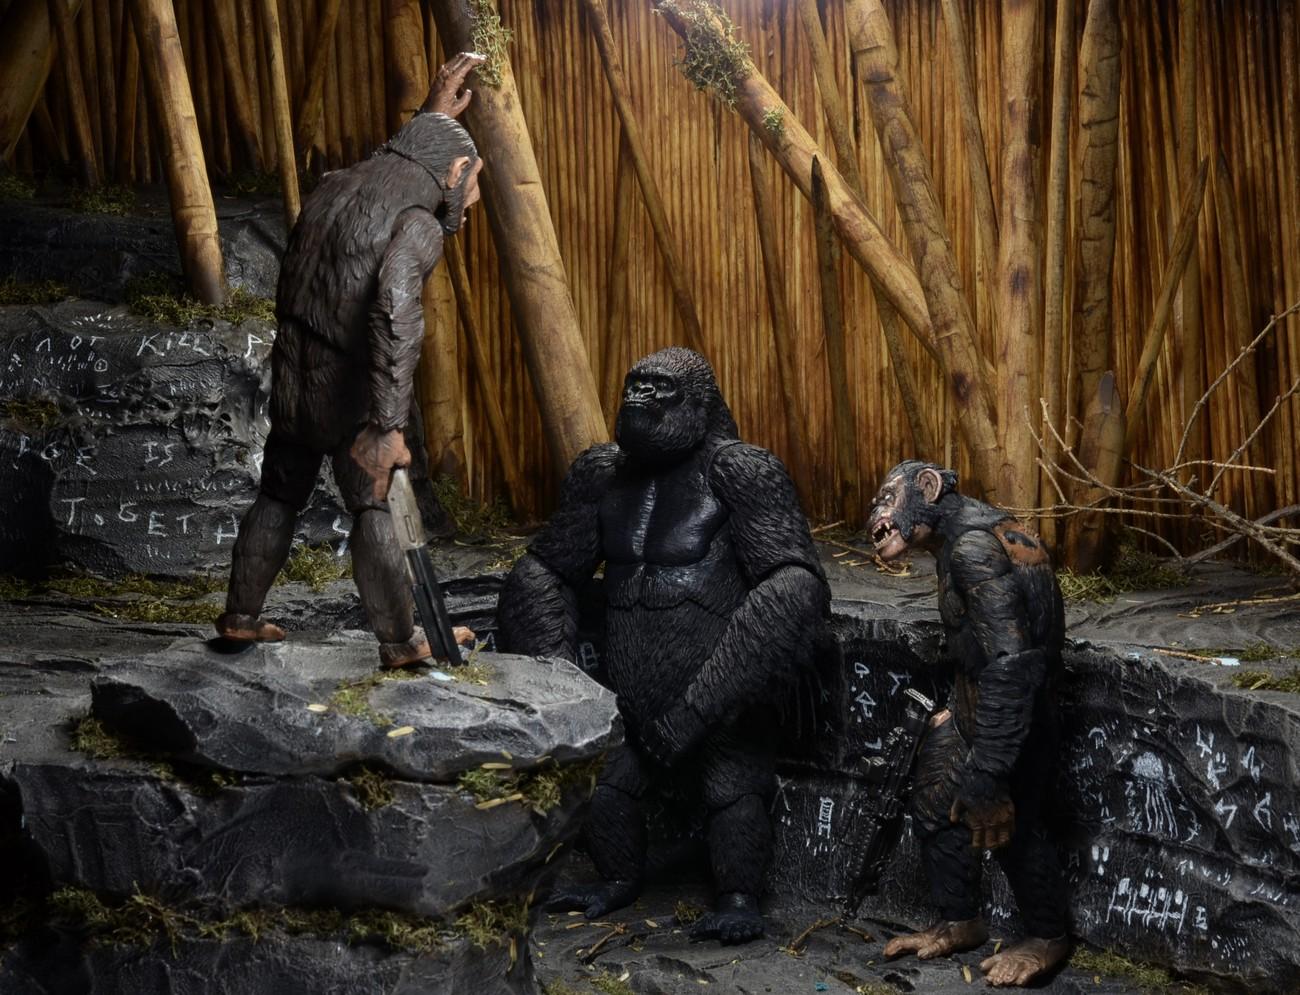 [NECA][Tópico Oficial] Planet of the Apes: Series 3 - Página 2 Dawn-of-the-Planet-of-the-Apes-Series-2-Figures-002